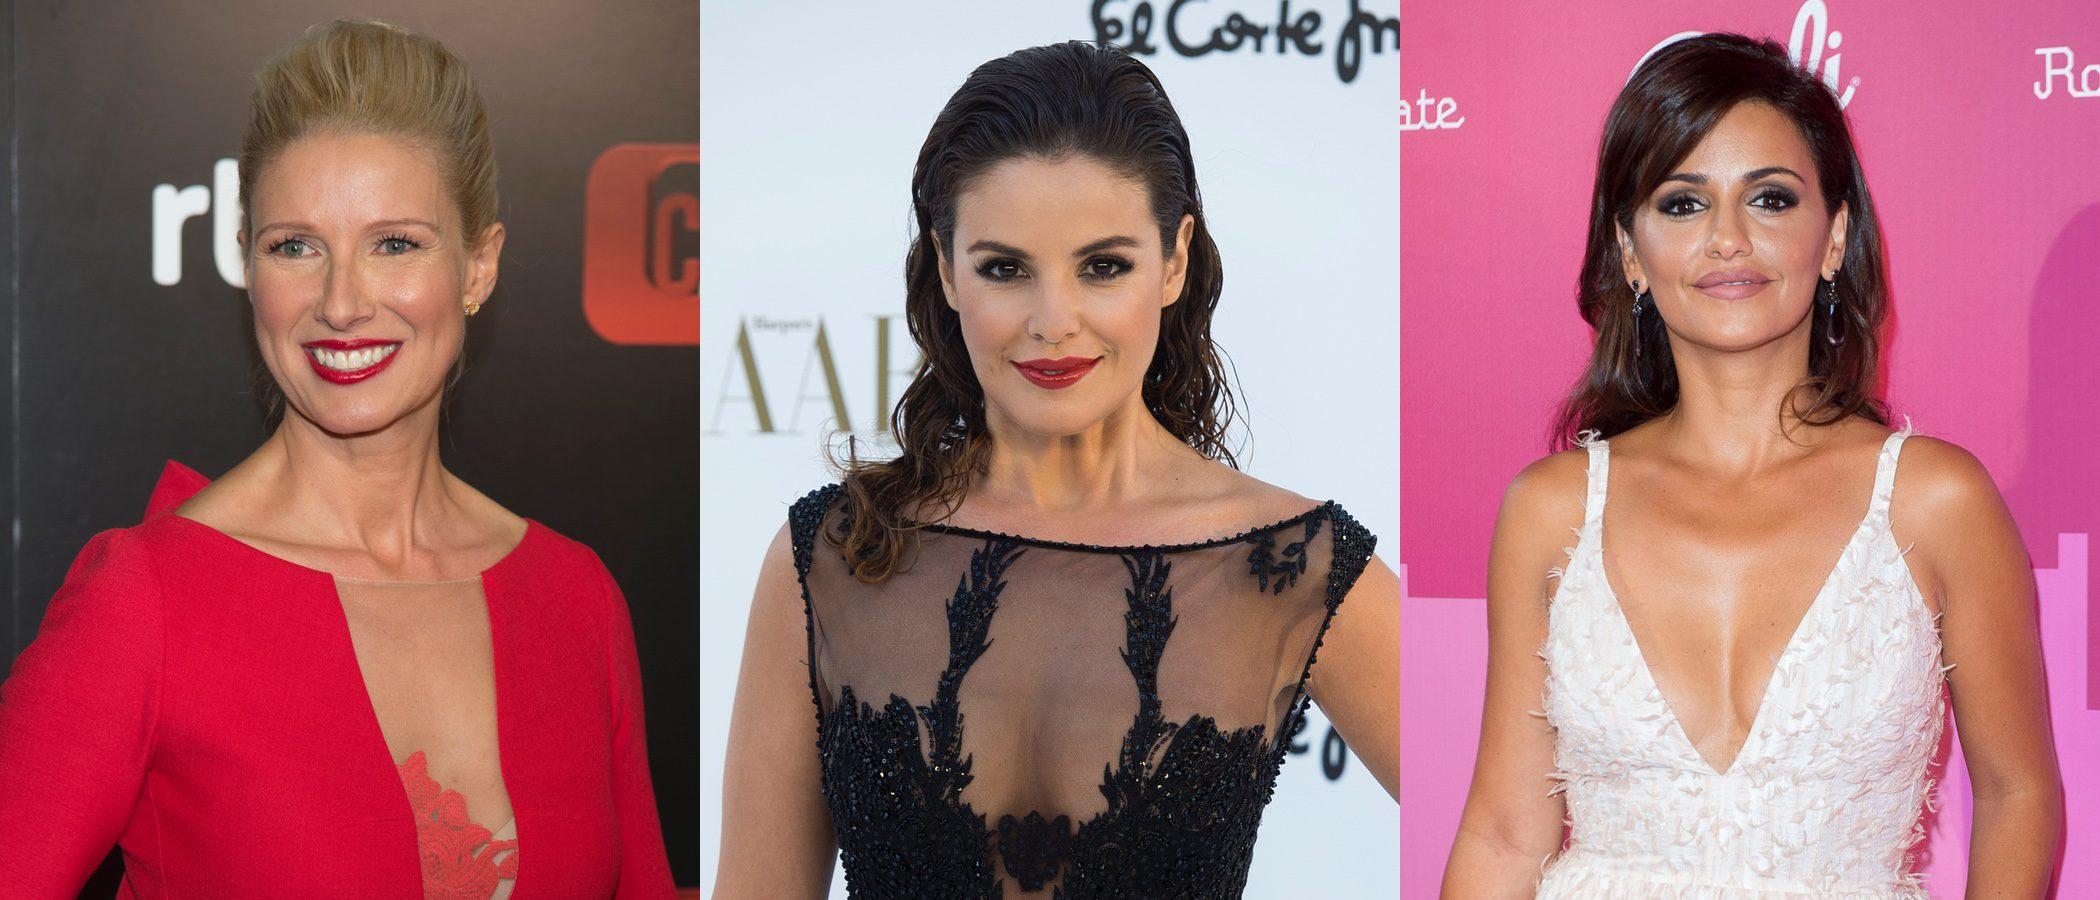 Anne Igartiburu, Mónica Cruz y Marta Torné, entre los mejores beauty looks de la semana